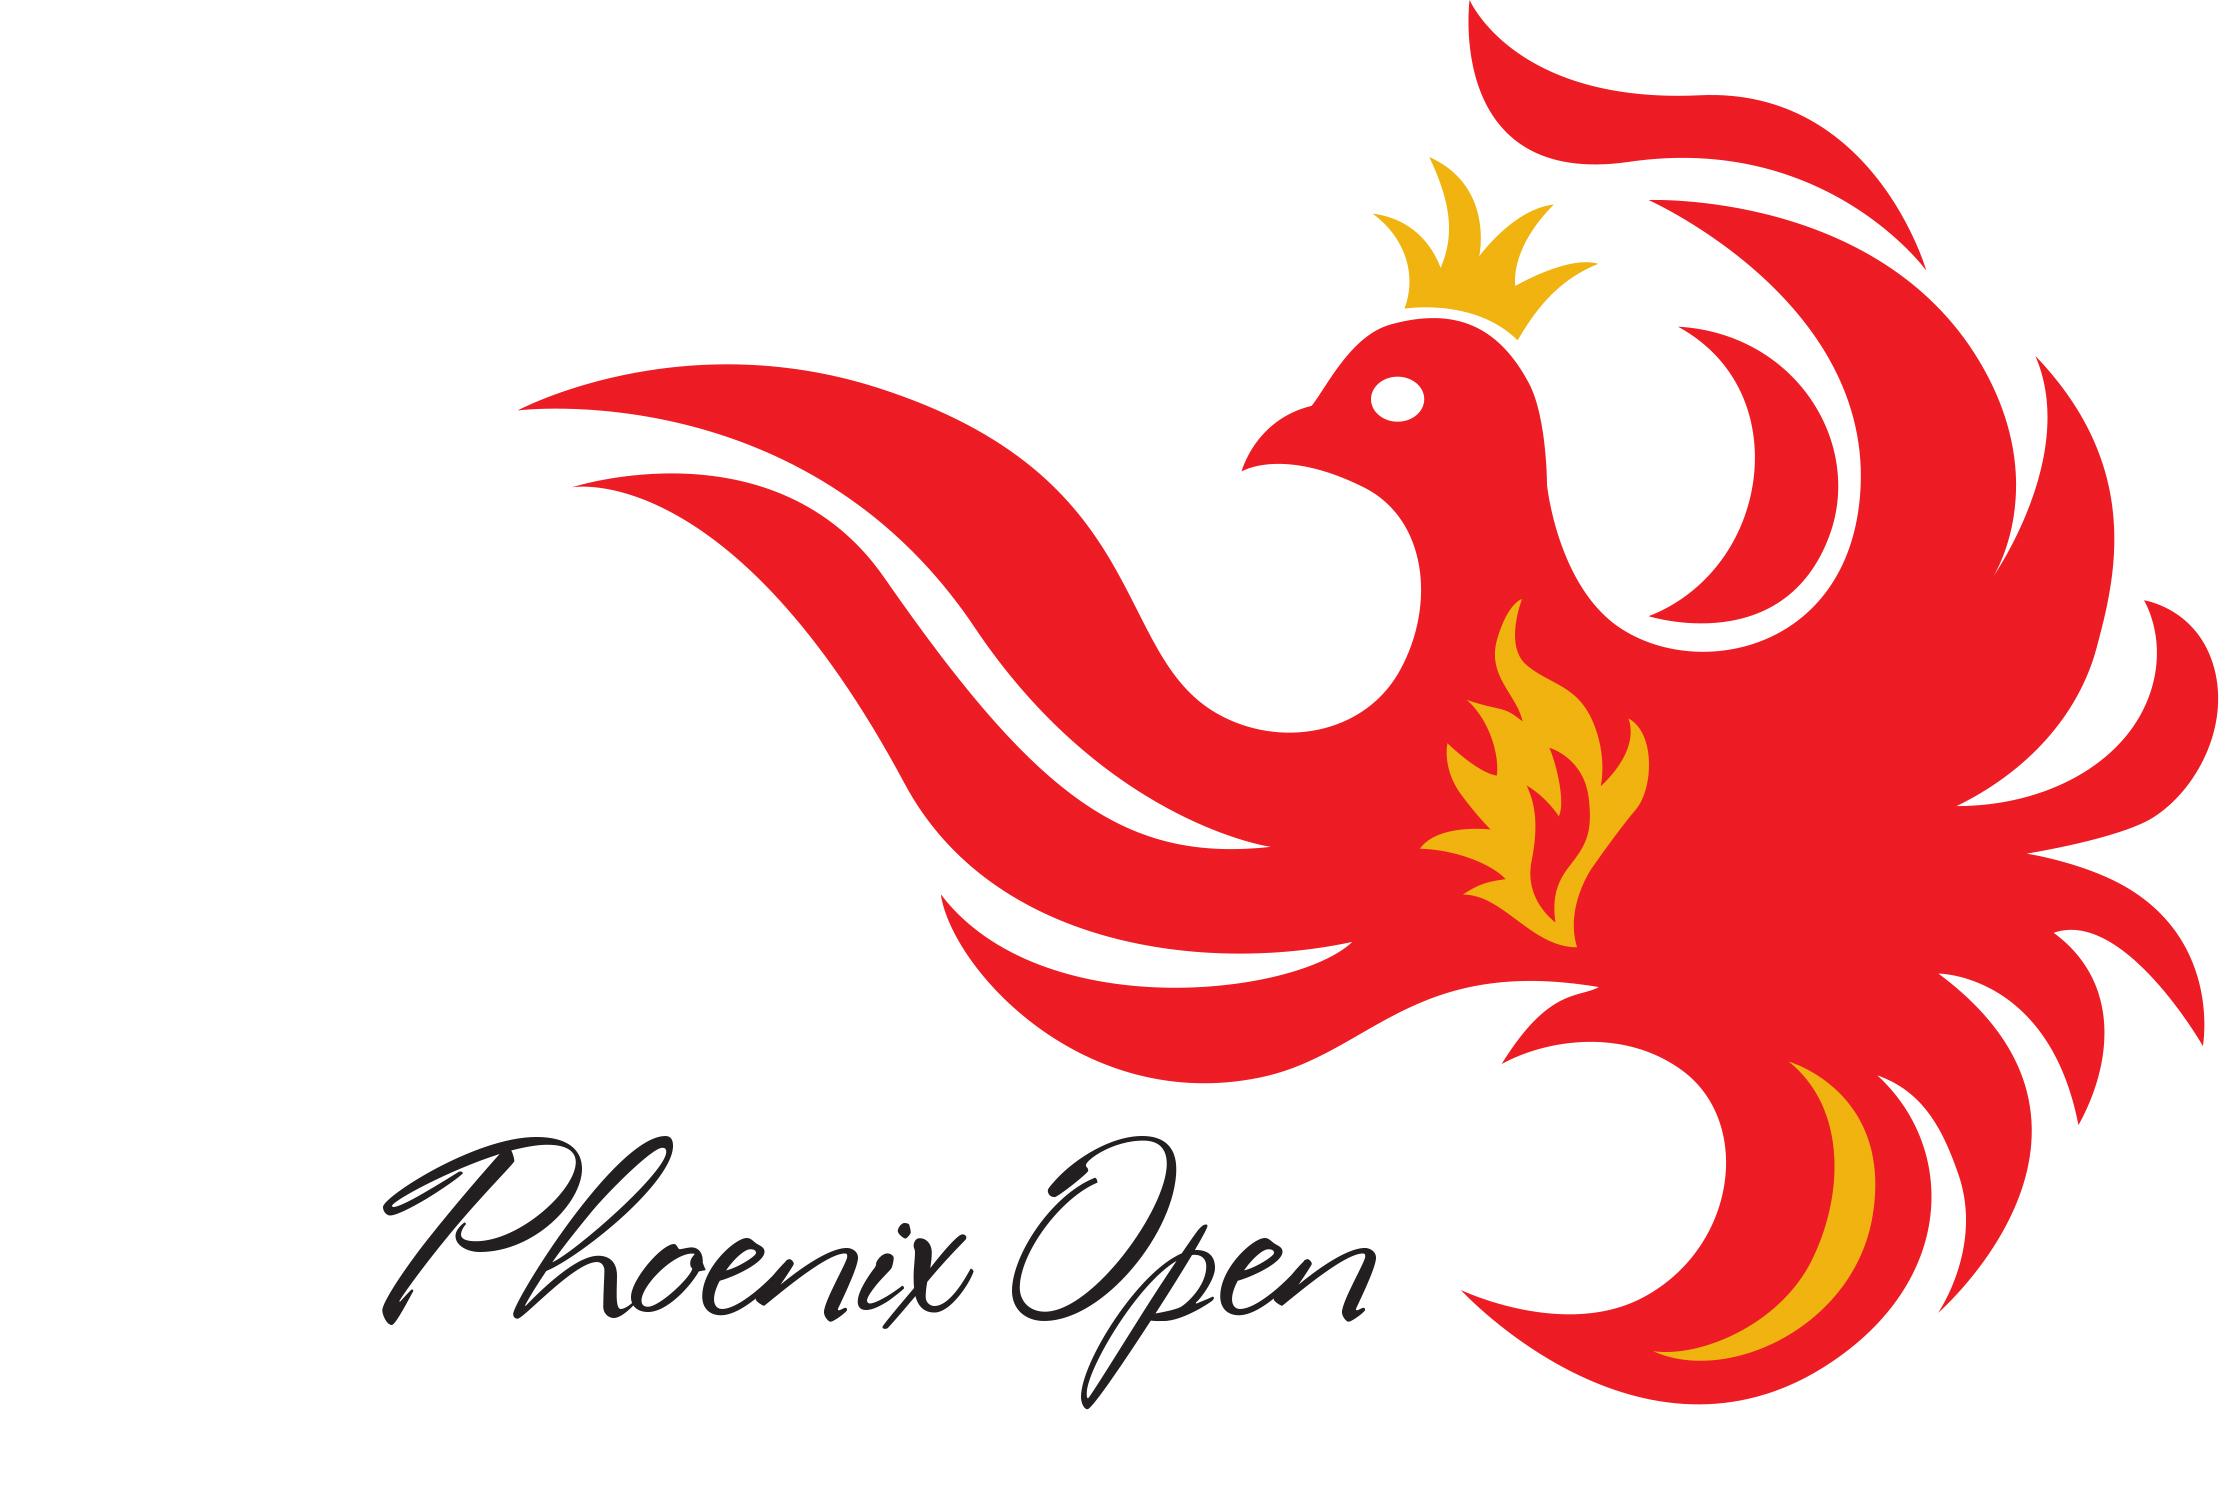 Phoenix Open Logo_01.jpg